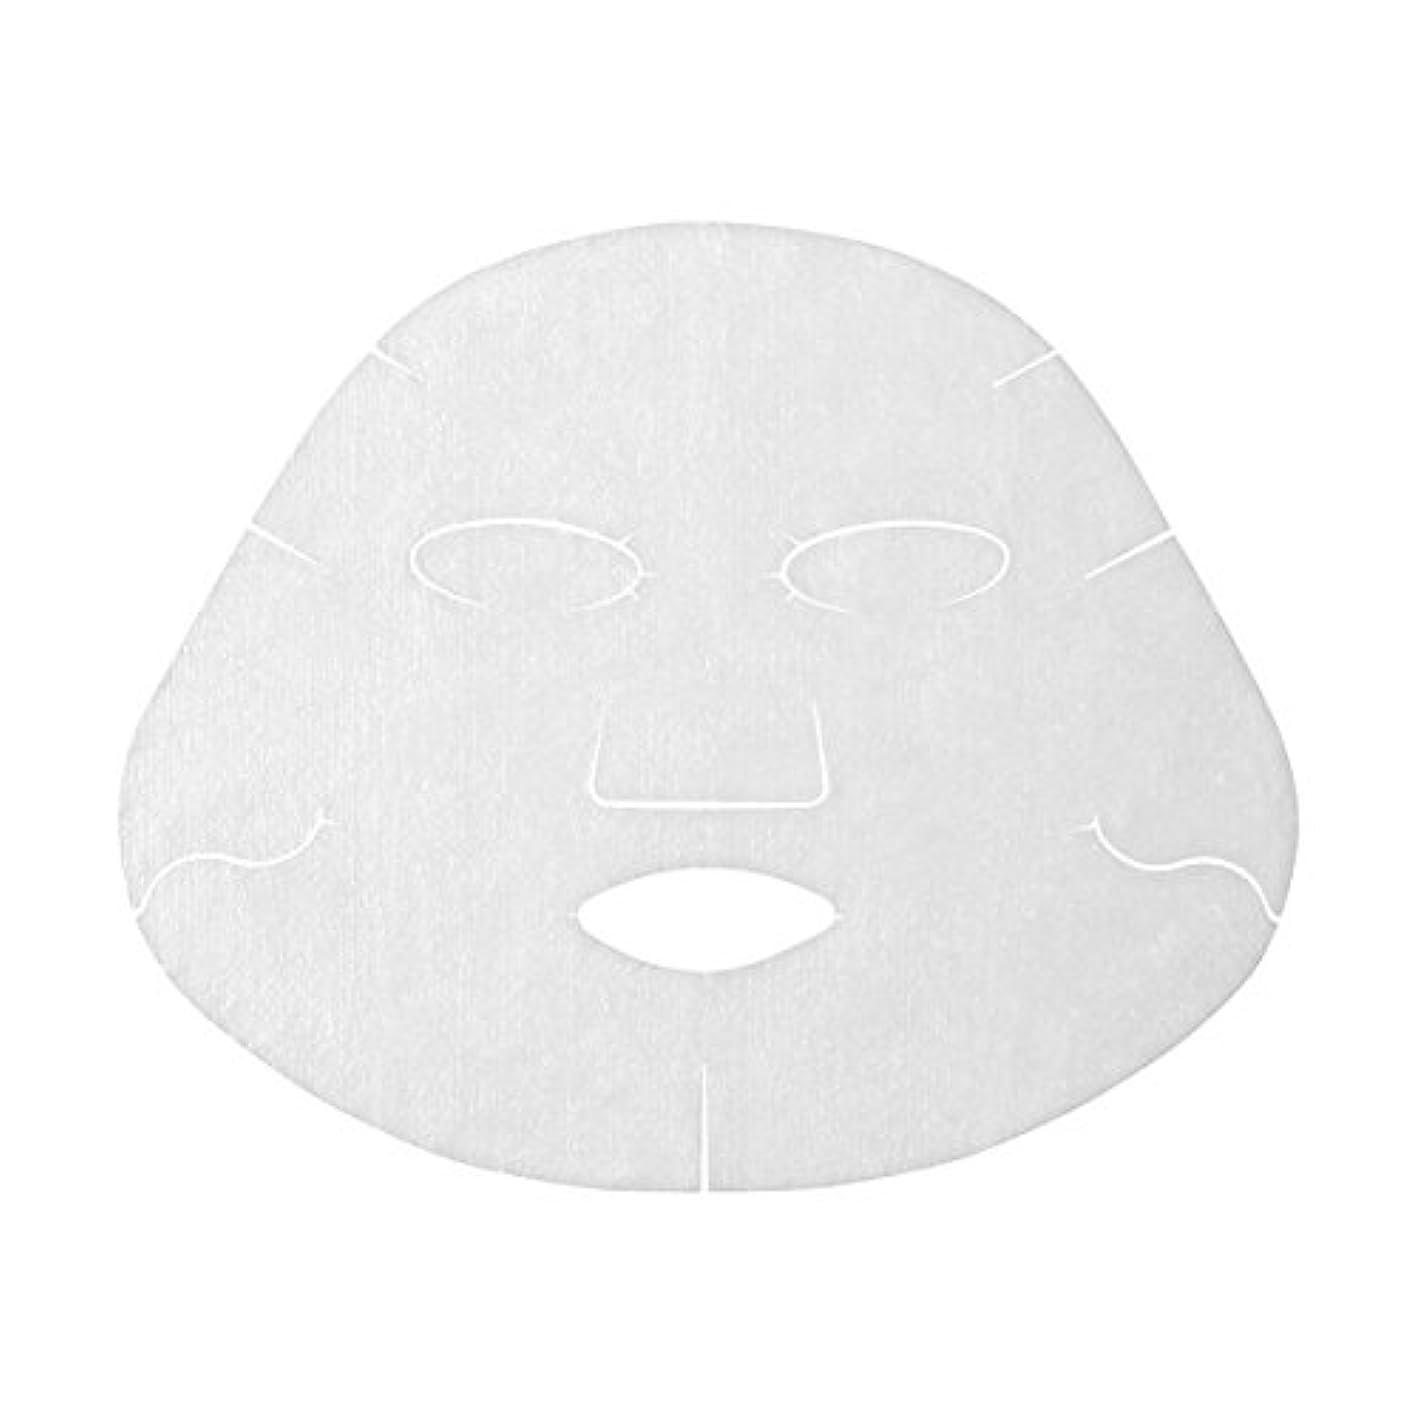 毎年飲み込む安全でないアクアレーベル リセットホワイトマスク <1枚入り> 18mL×1枚 【医薬部外品】